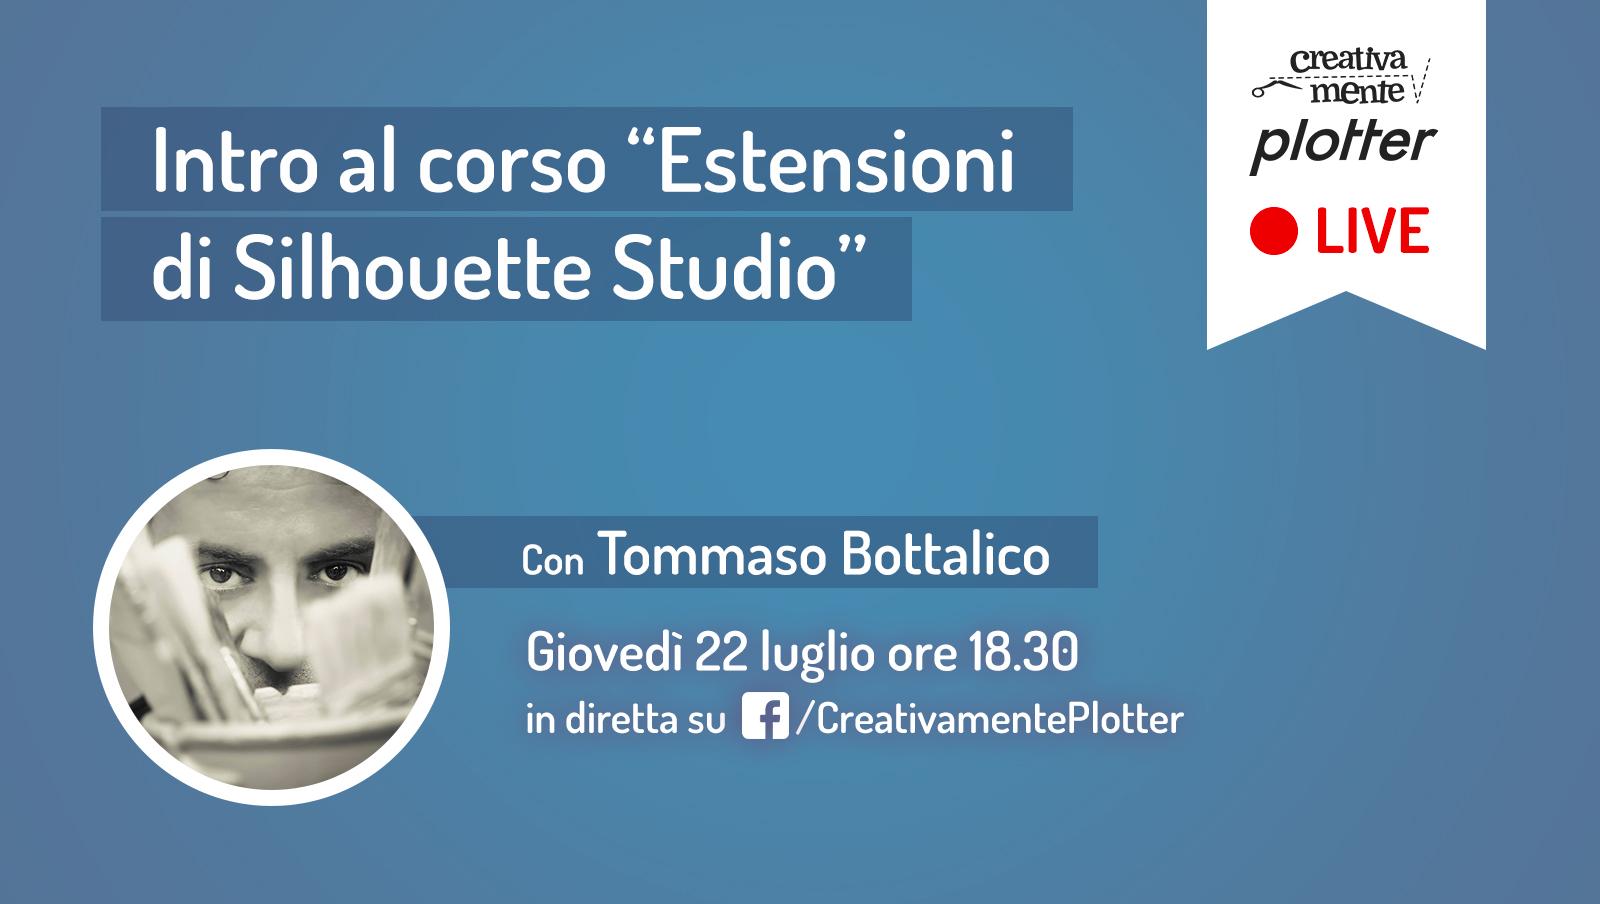 Diretta Tommy estensioni Silhouette Studio Creativamente Plotter